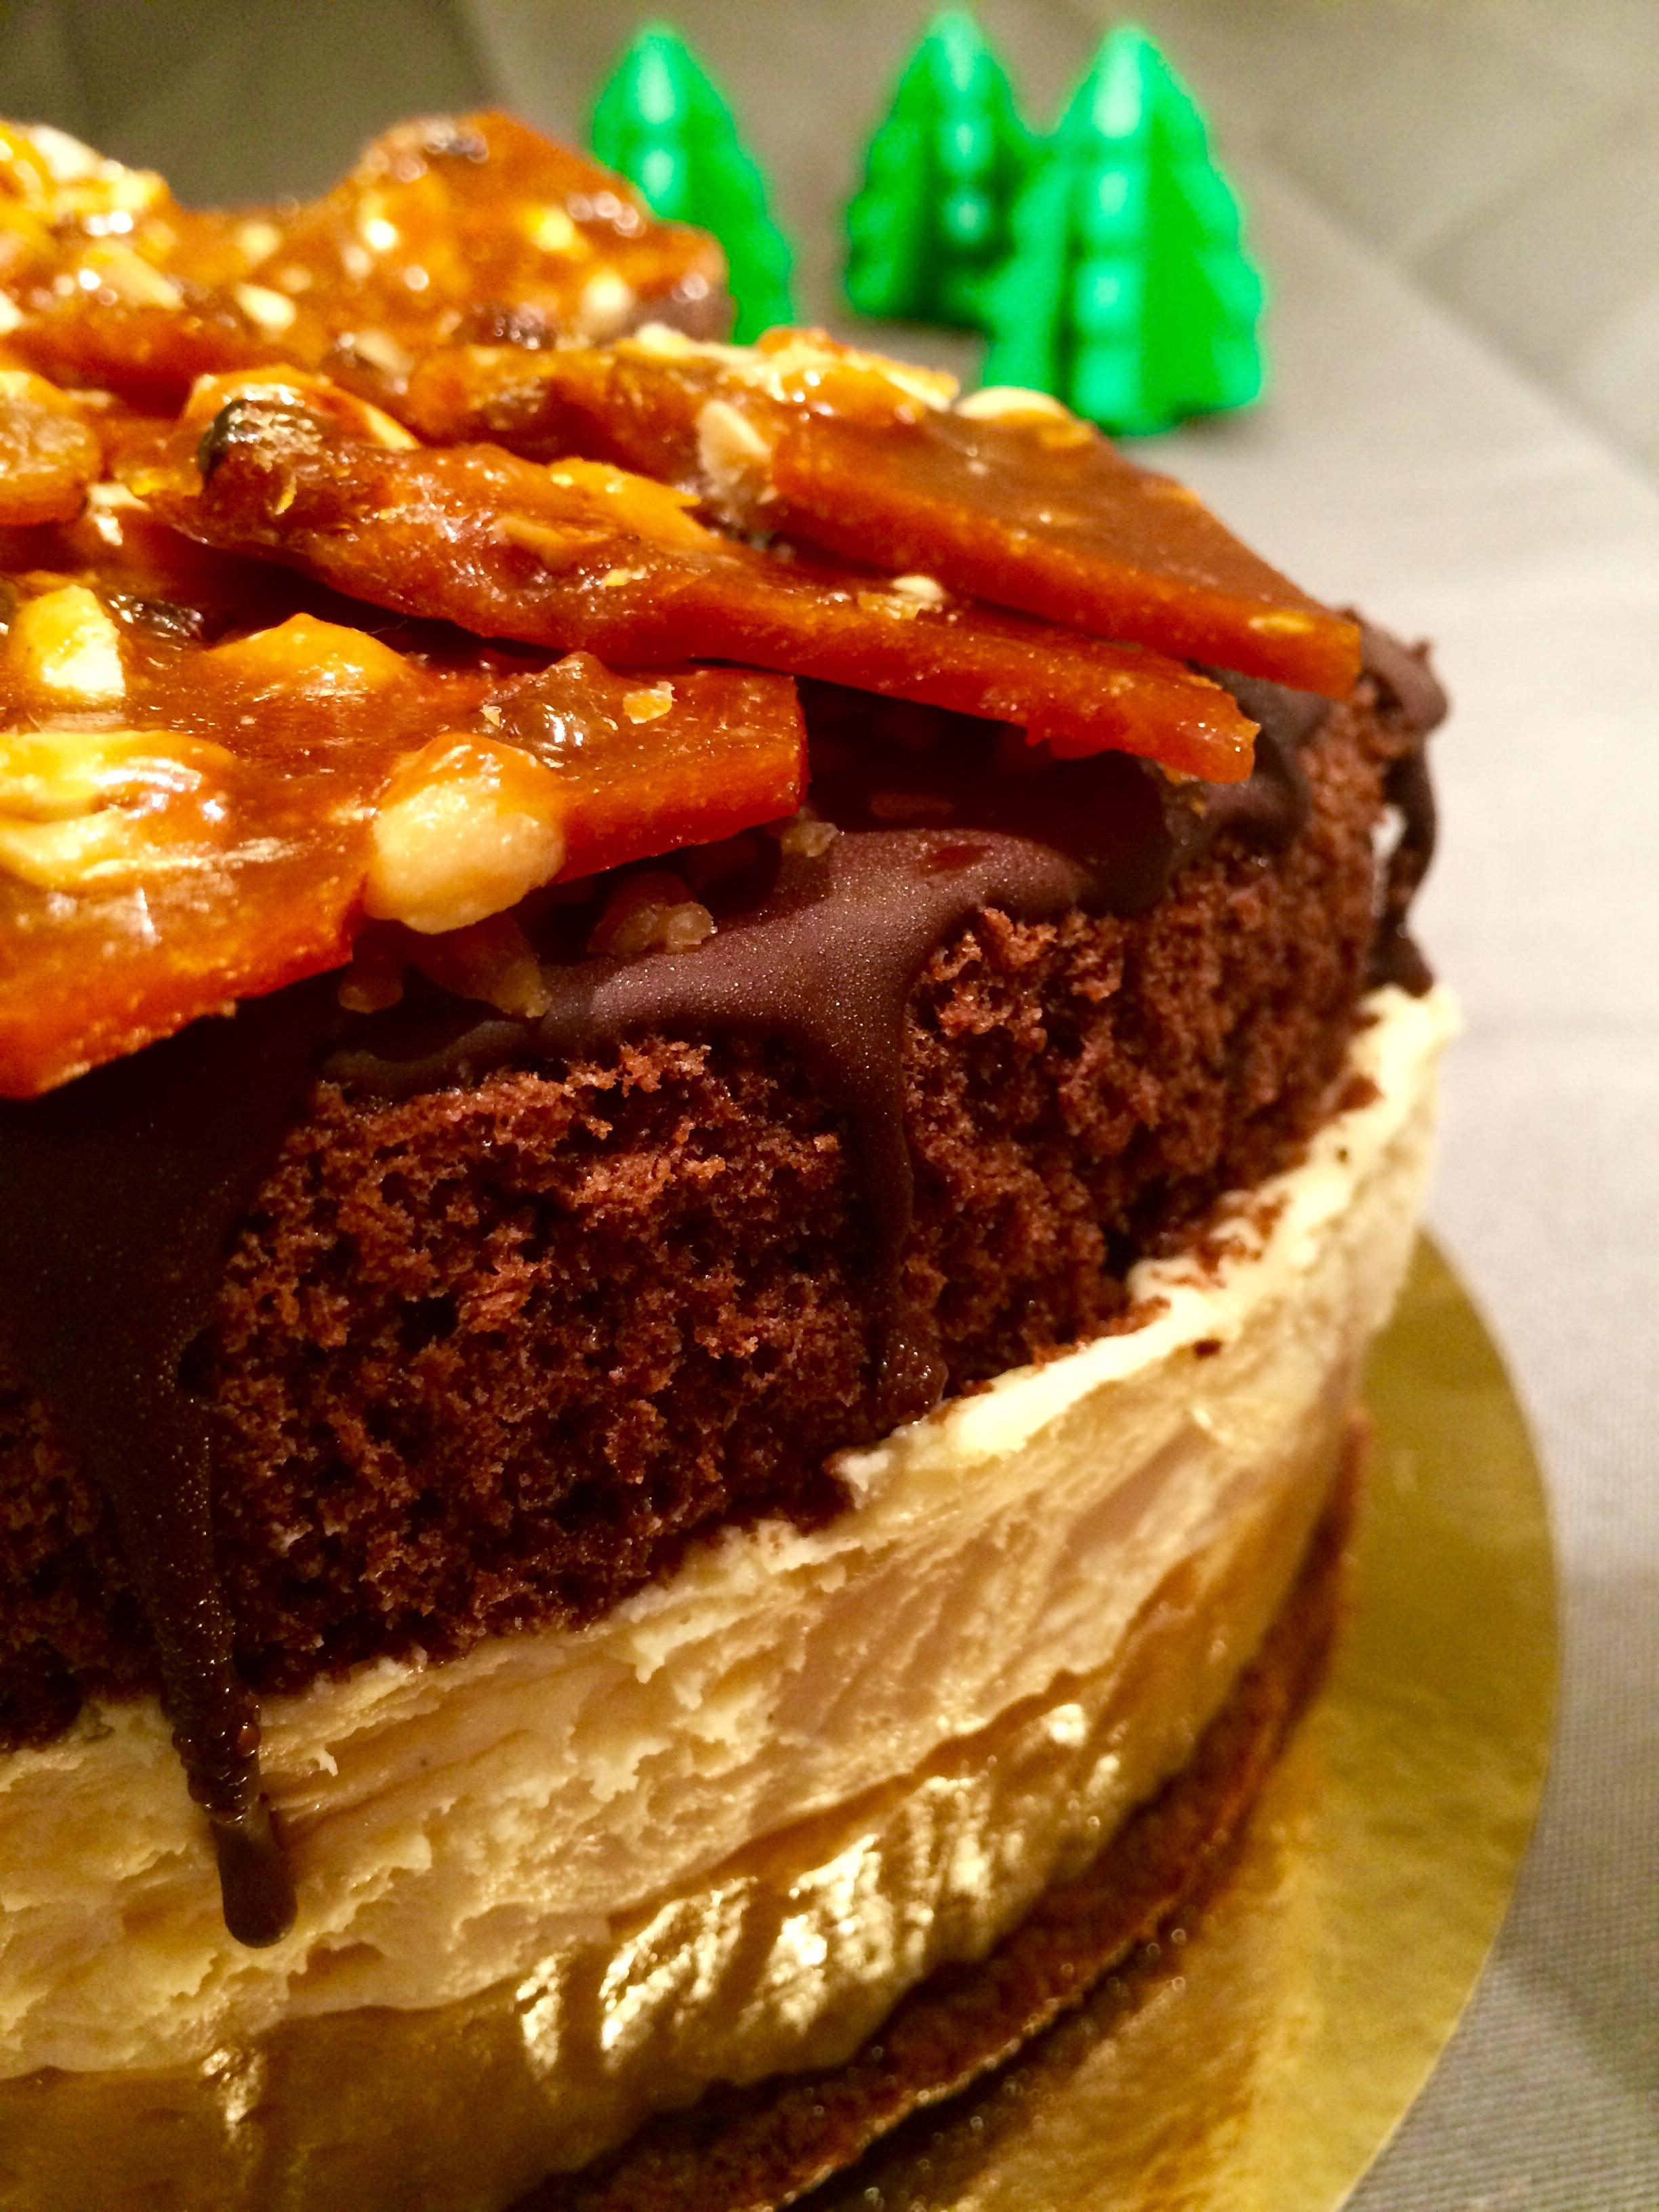 Świąteczny tort piernikowy z jabłkami, kremem kardamonowym i bakaliowym krokantem.